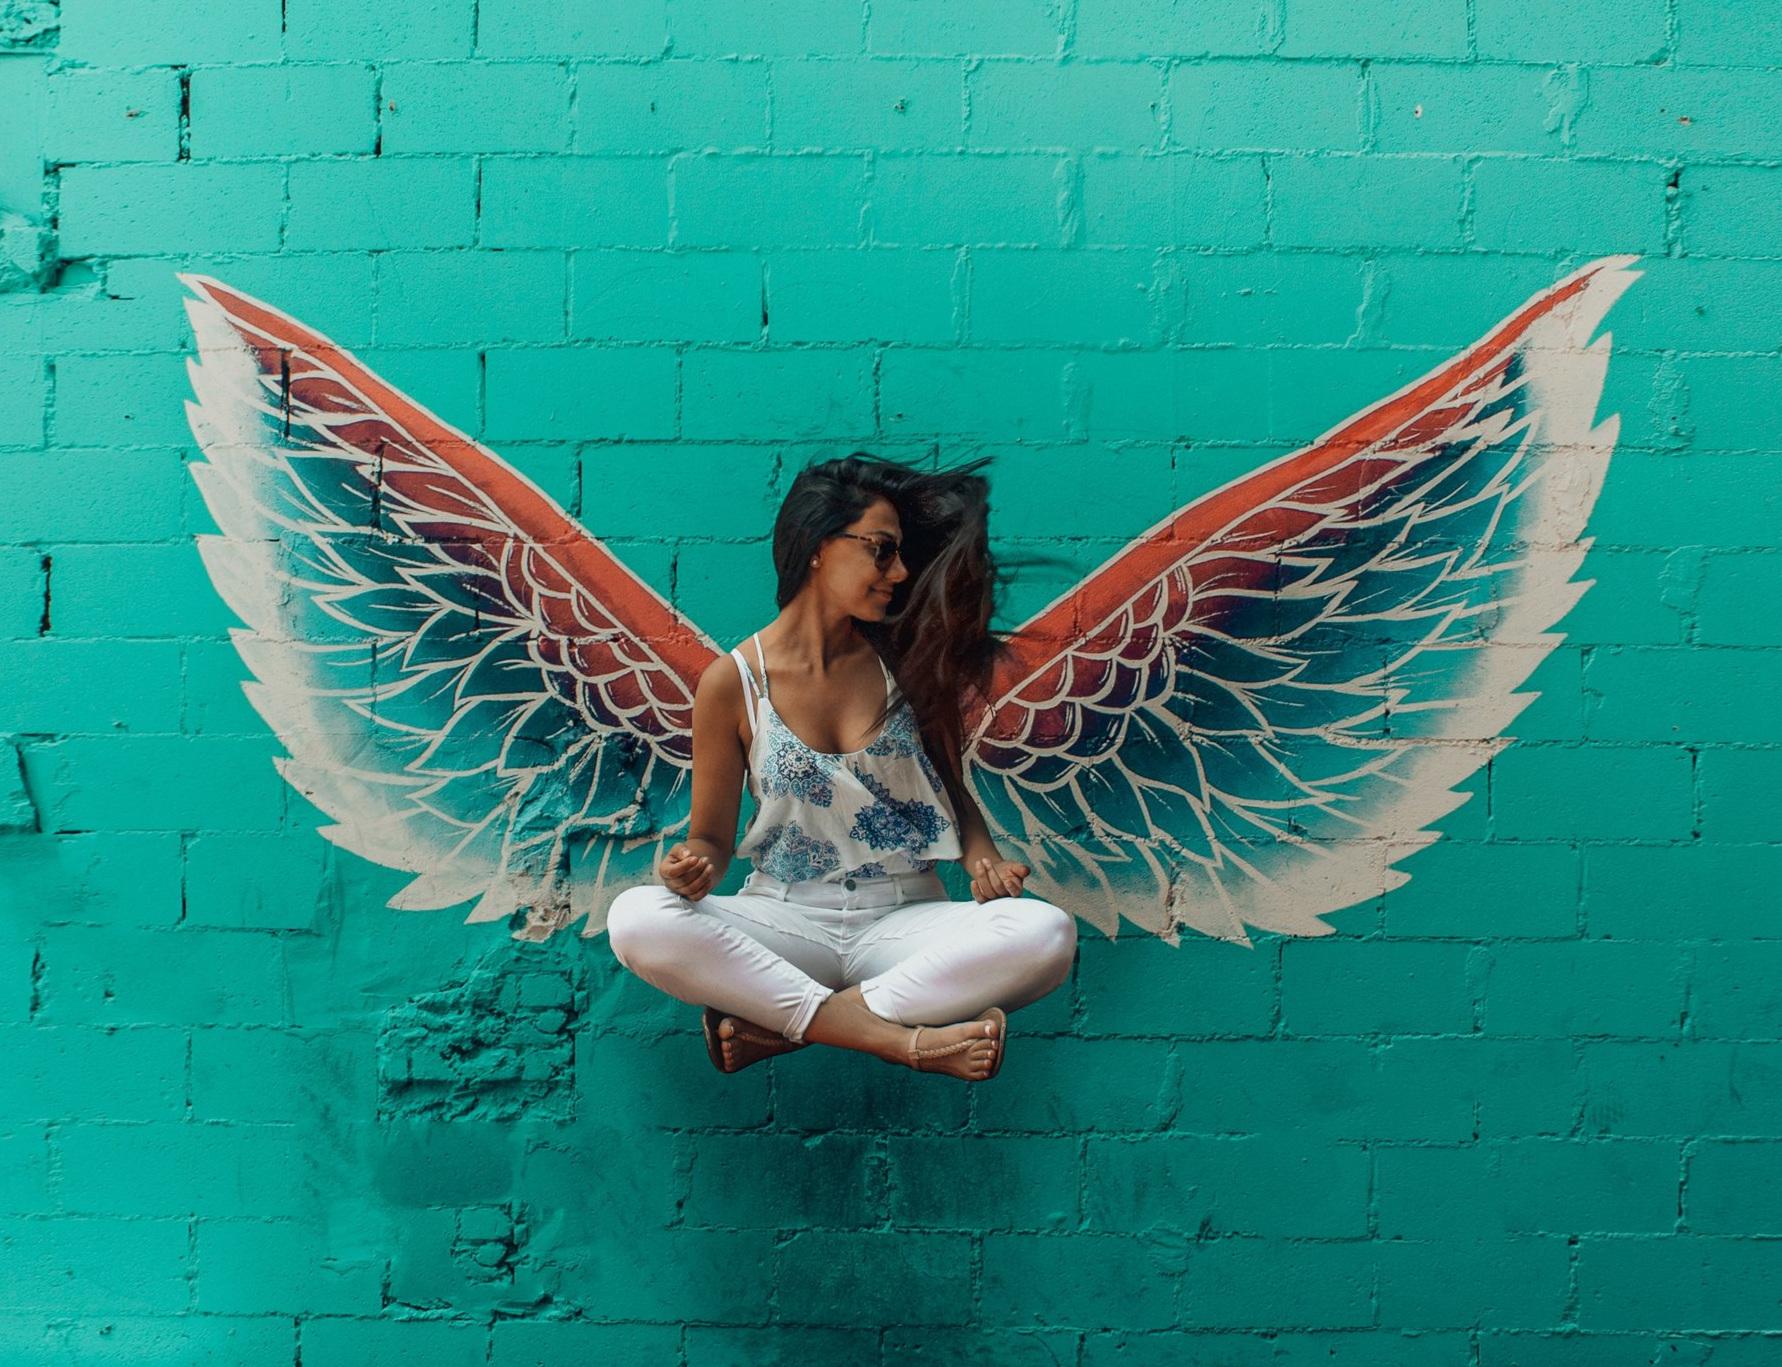 Zeit für Flügel. Bild: designecologist / Unsplash